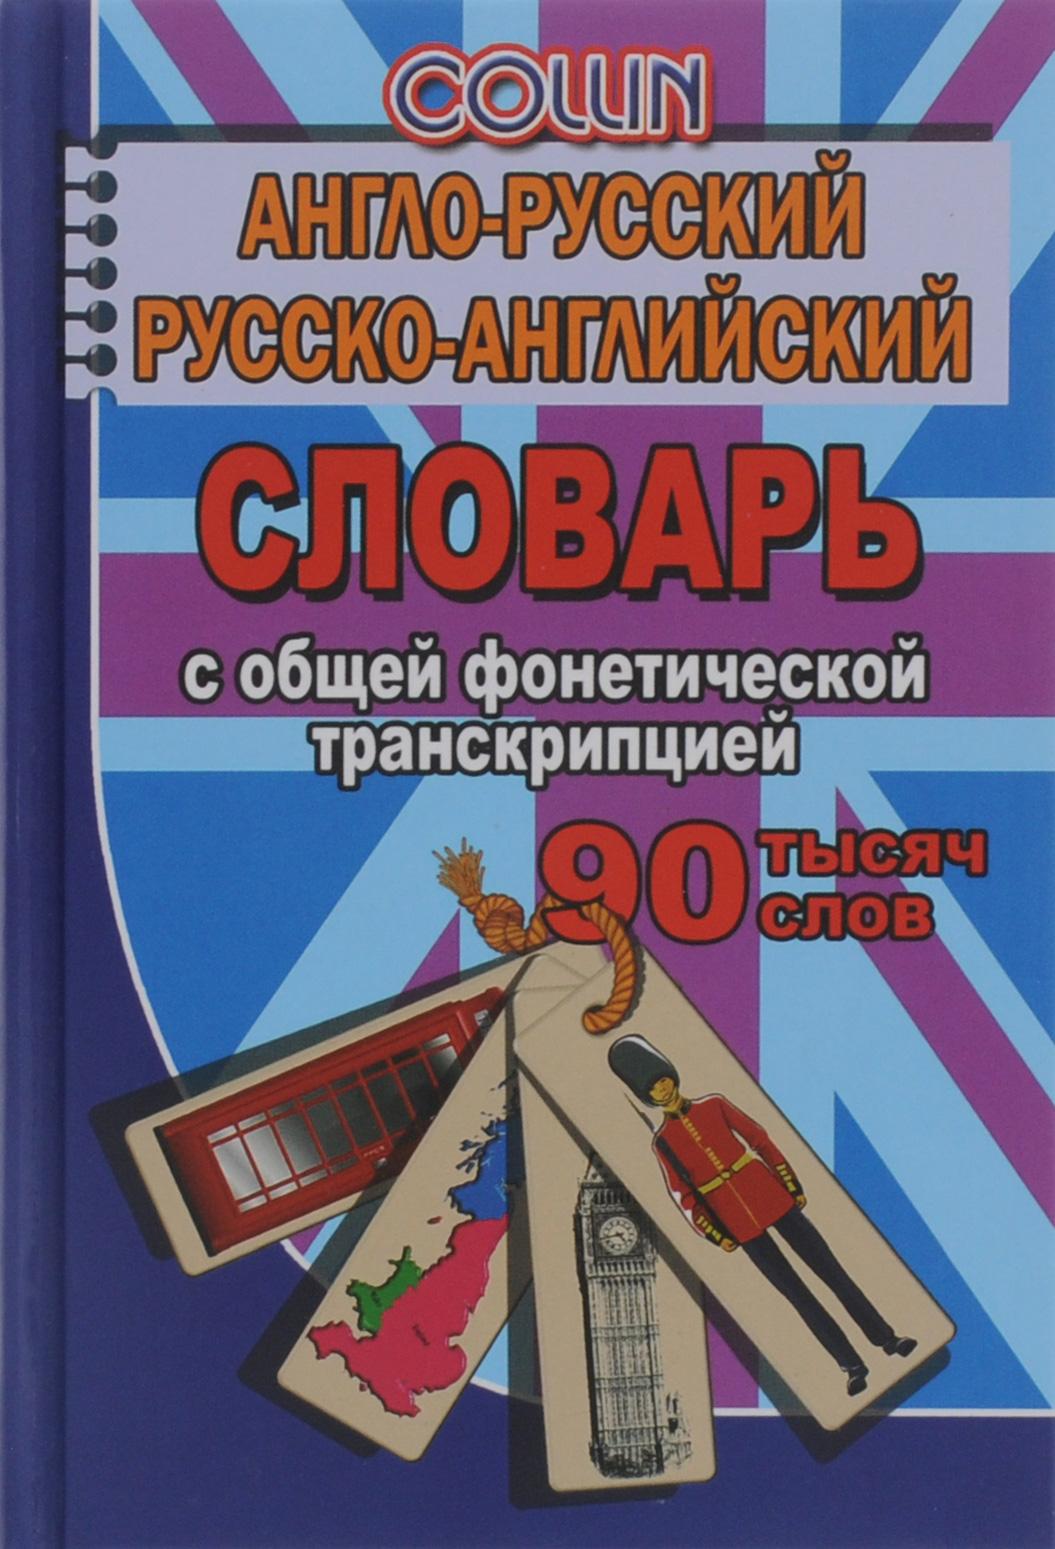 Англо-русский, русско-английский словарь 90 тыс. слов с общей фонетической транскрипцией